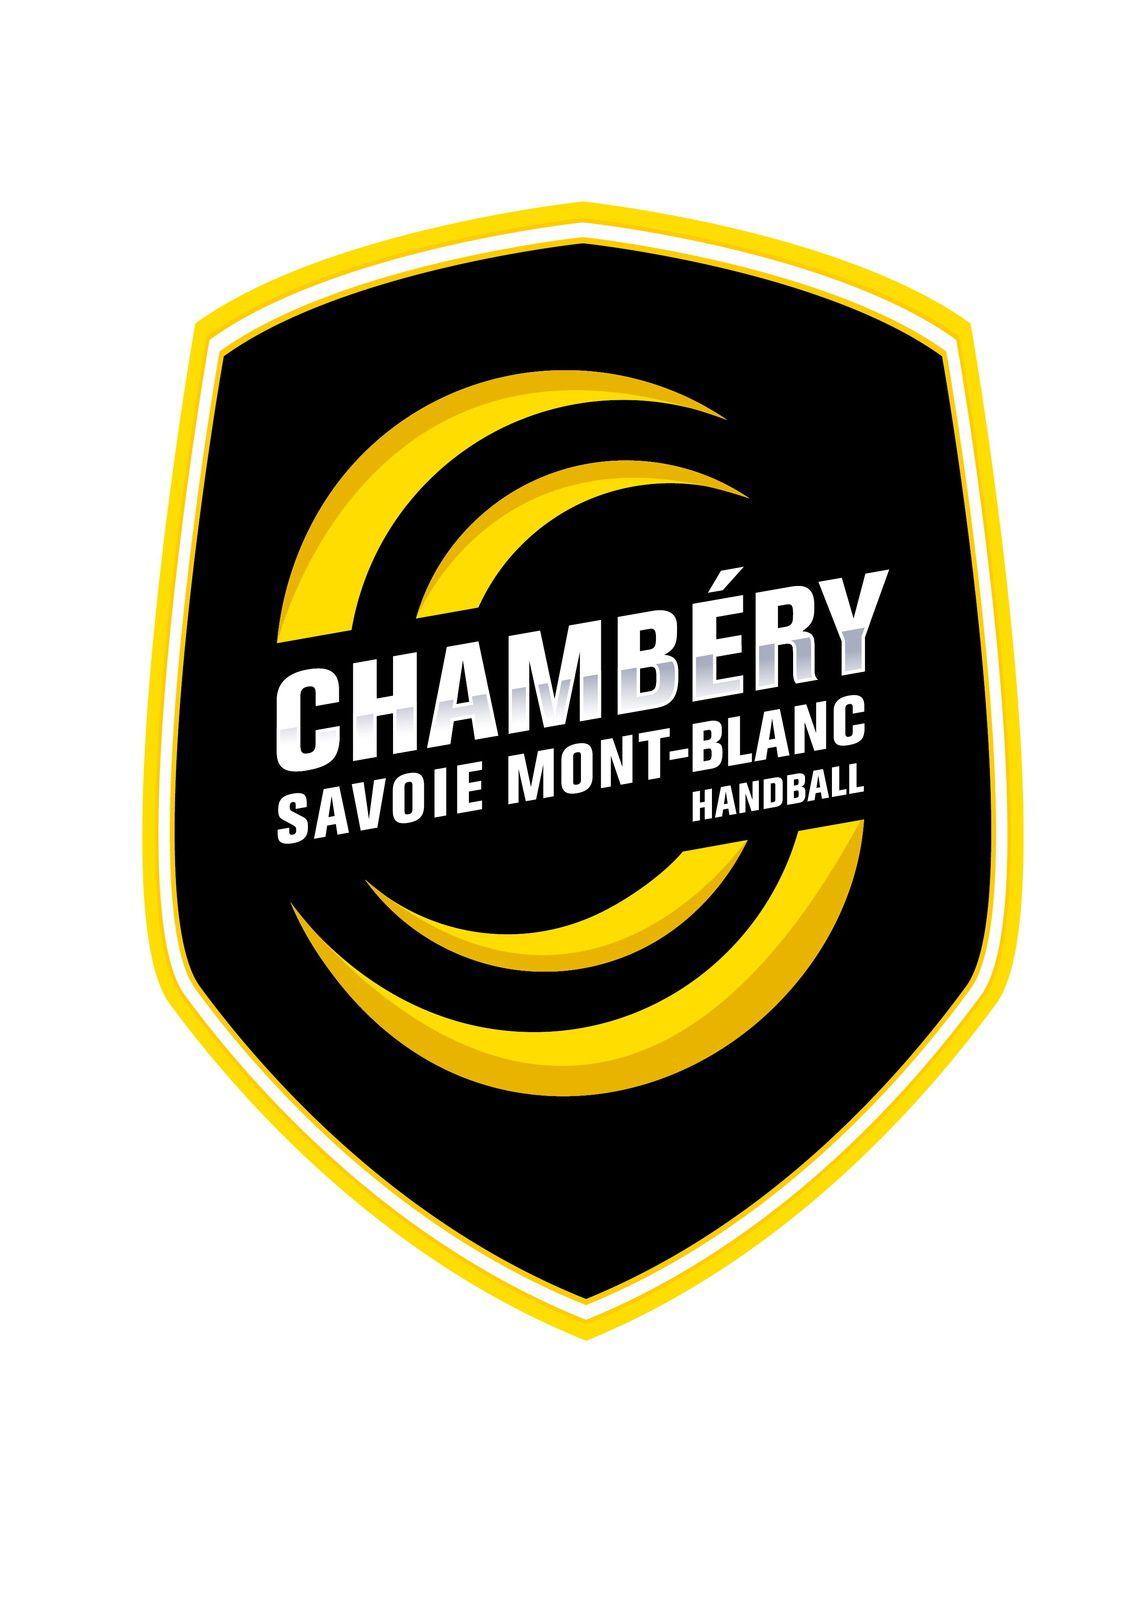 CHAMBÉRY PRÉPARE LE JOUR D'APRÈS, par Maxime THOMAS de HANDNEWS